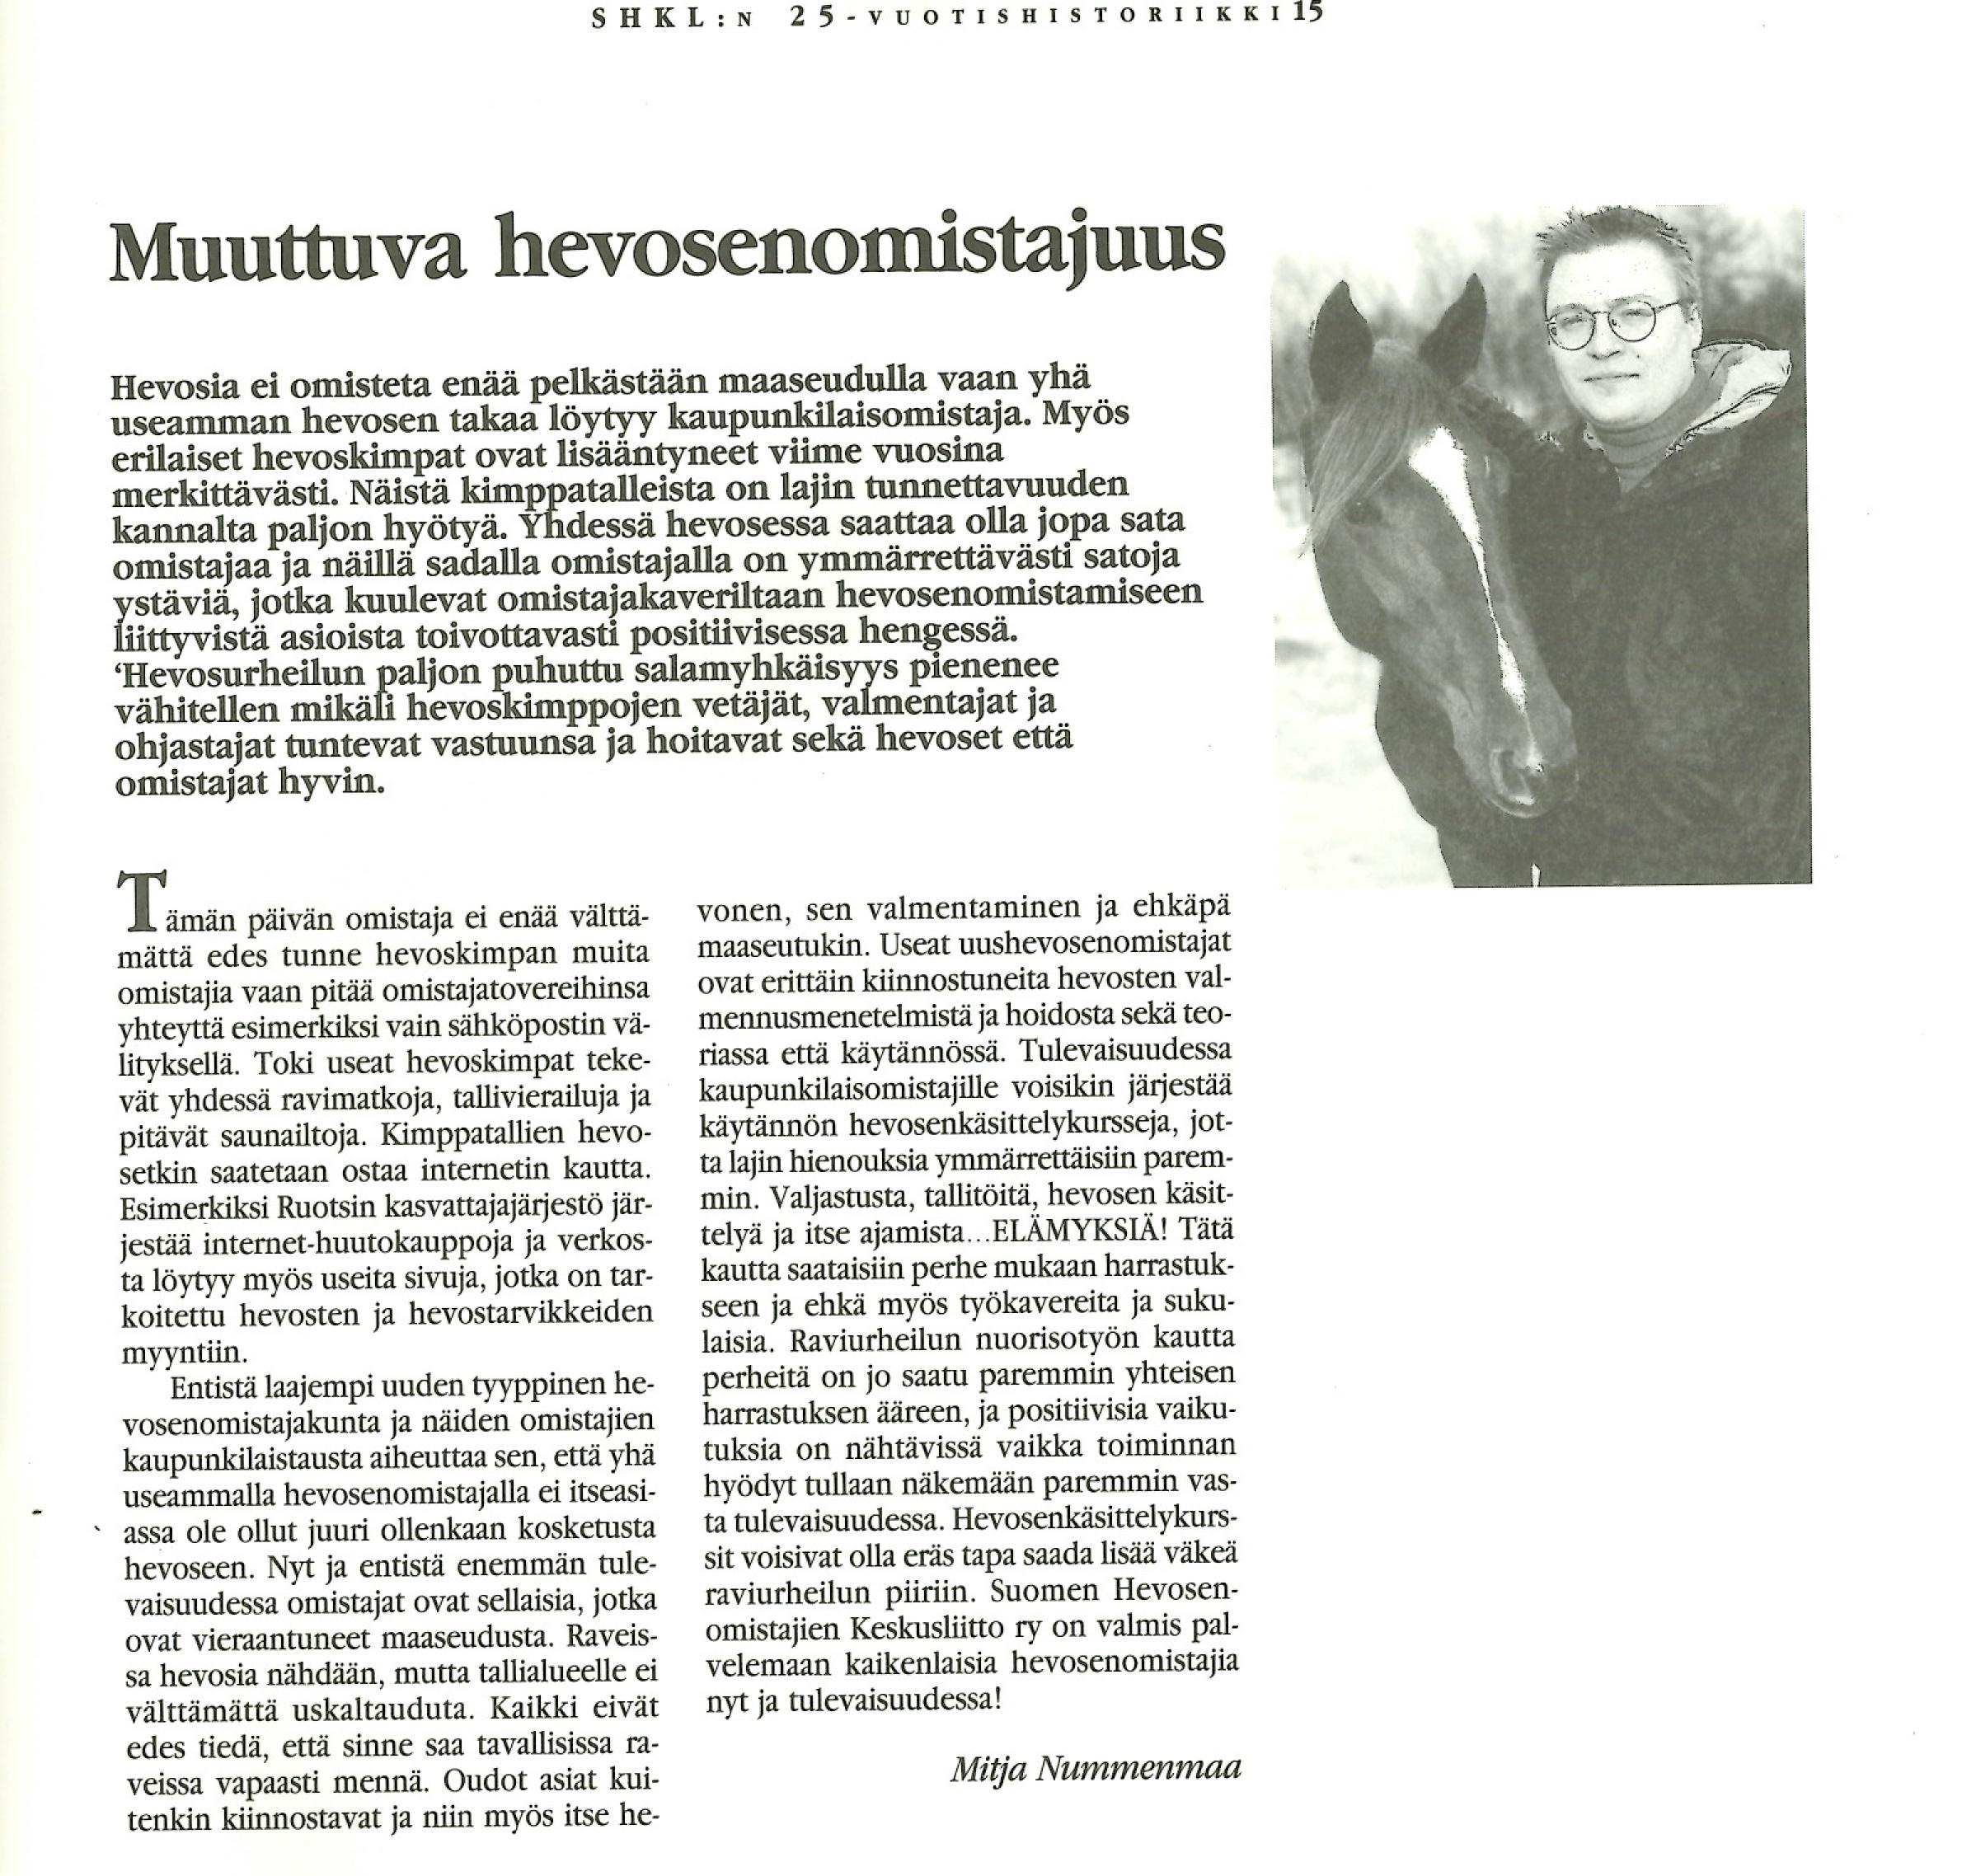 Mitja Nummenmaan kirjoitus SHKL y:n 25-vuotishistoriikissa 2011. Klikkaa suuremmaksi